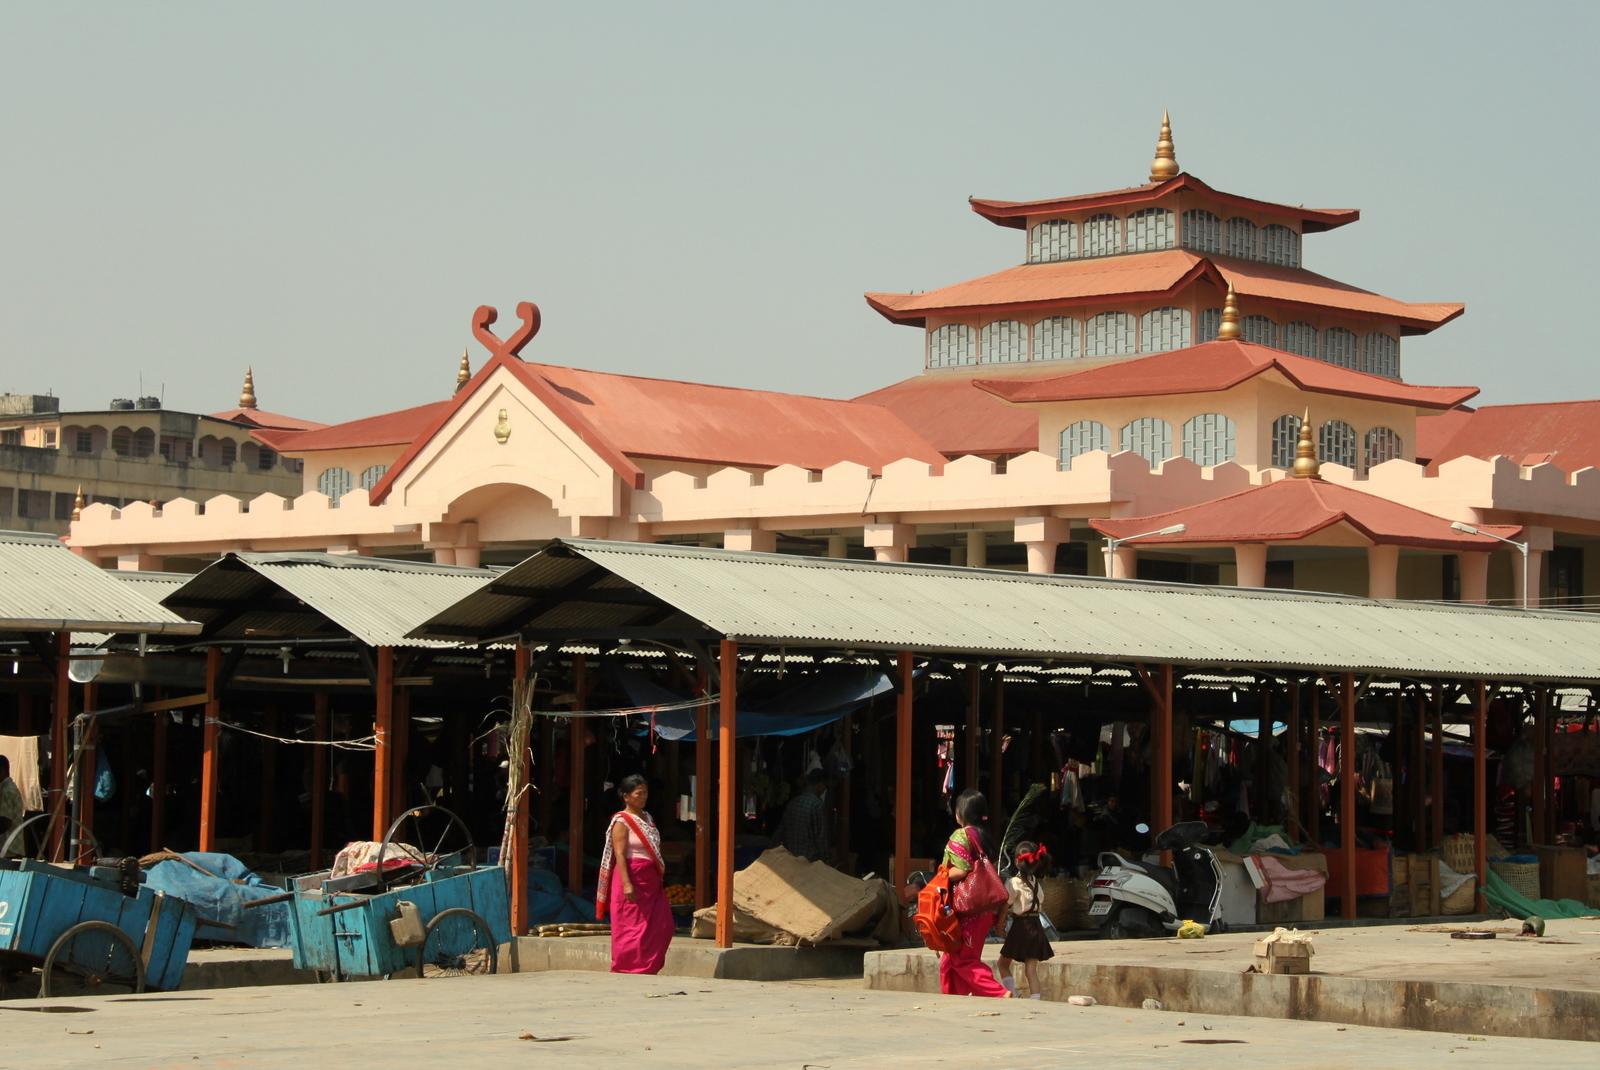 Khwairamband Bazaar